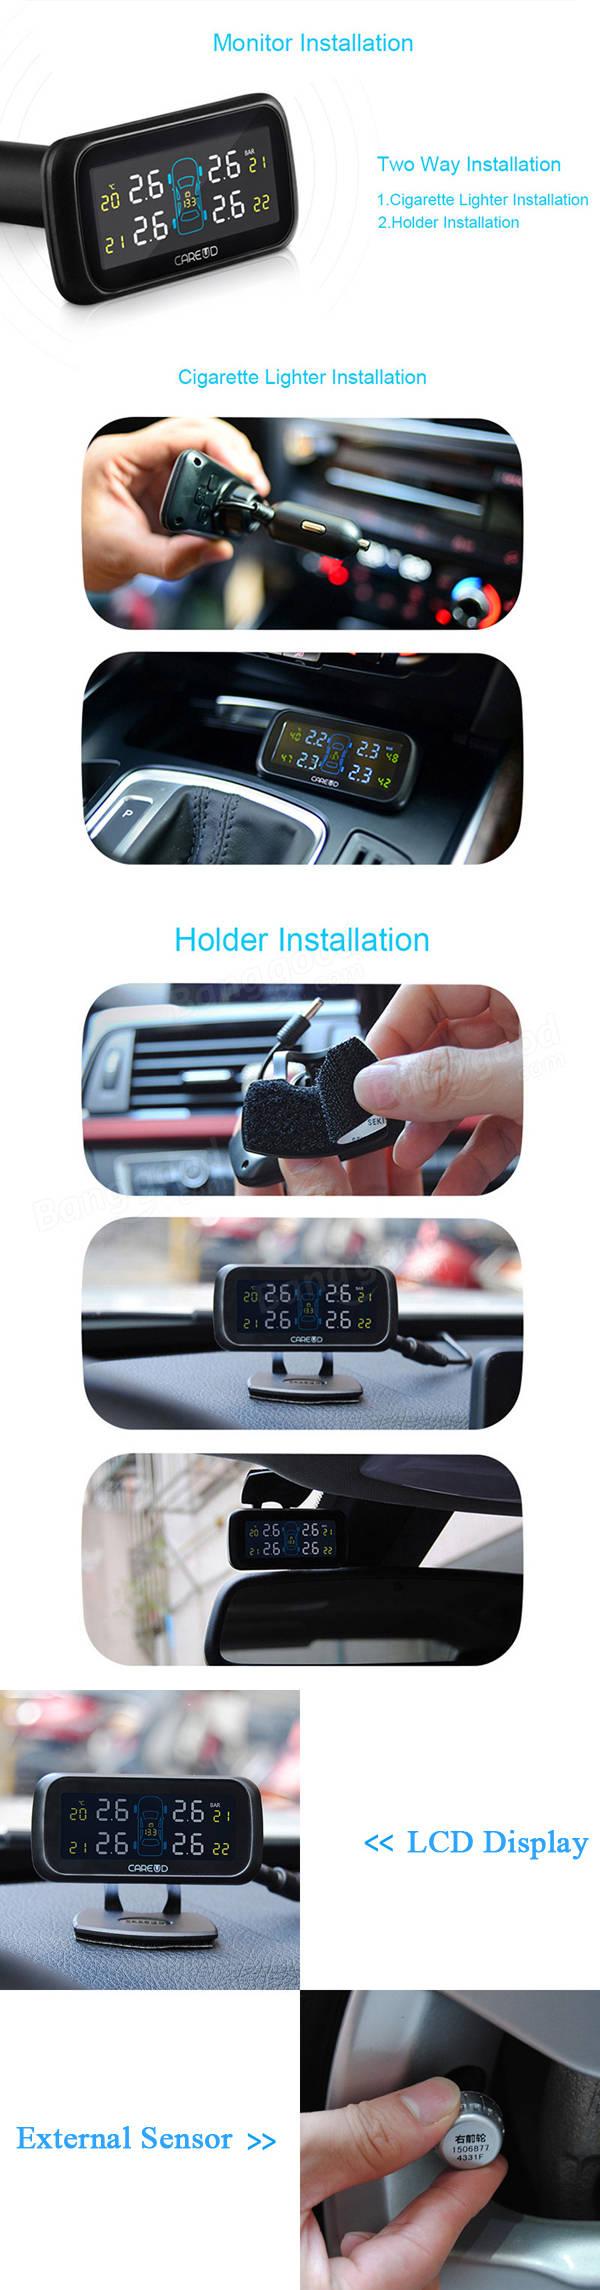 tpms de voiture 4 capteurs externes syst me de surveillance de pression des pneus careud de u903. Black Bedroom Furniture Sets. Home Design Ideas